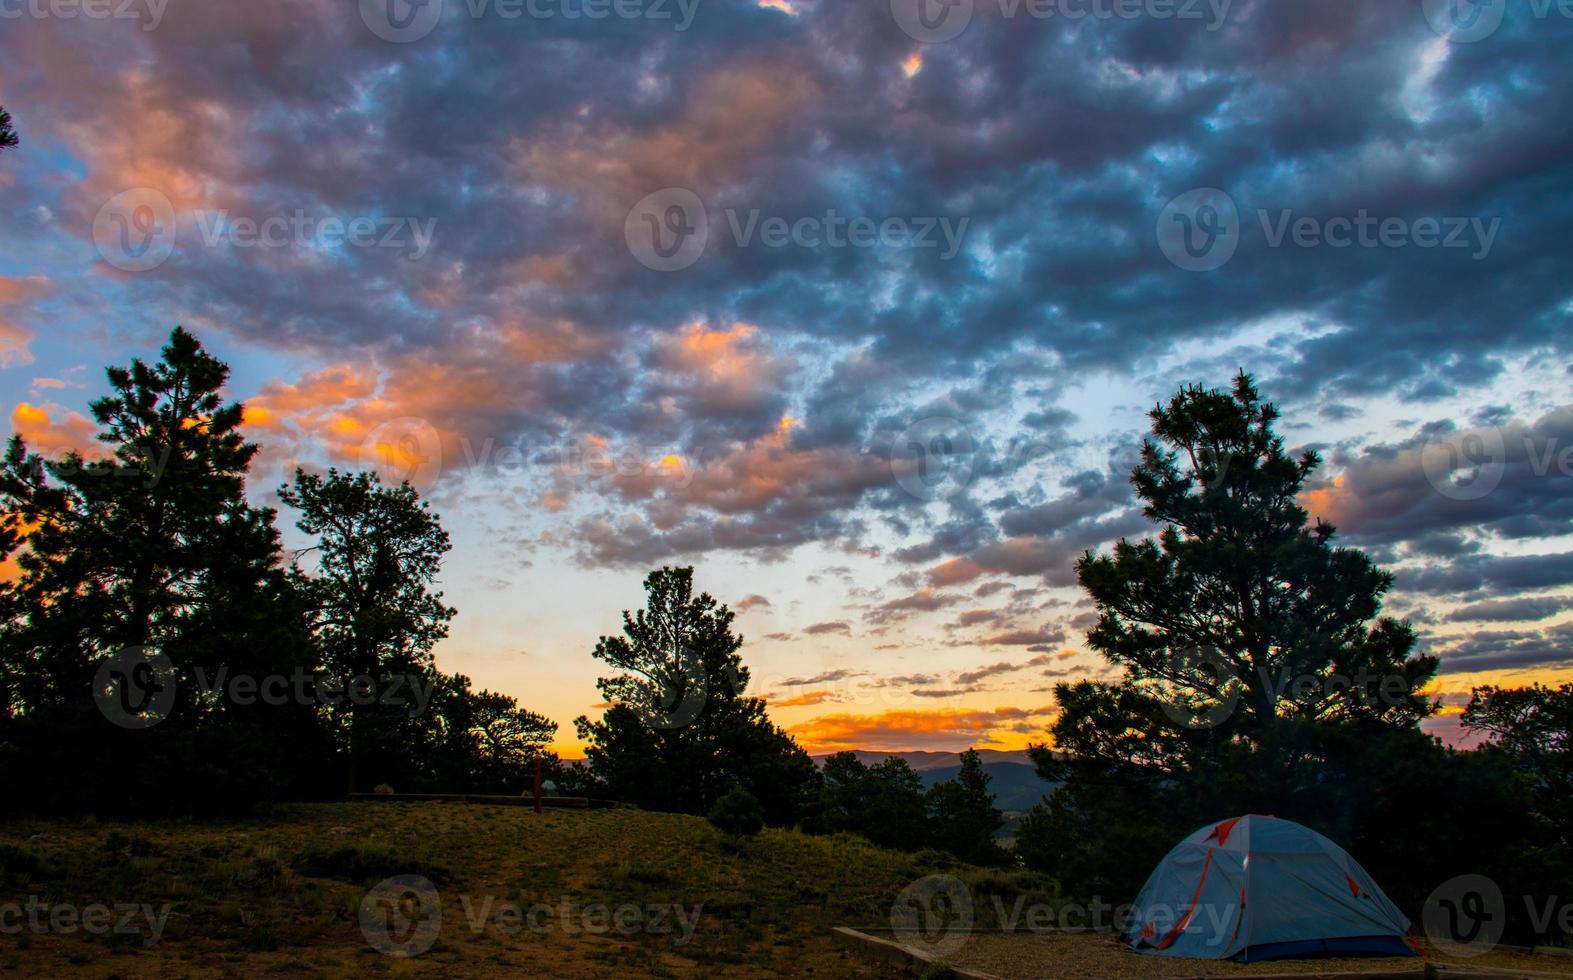 viaggio in campeggio valle rocciosa di montagna foto